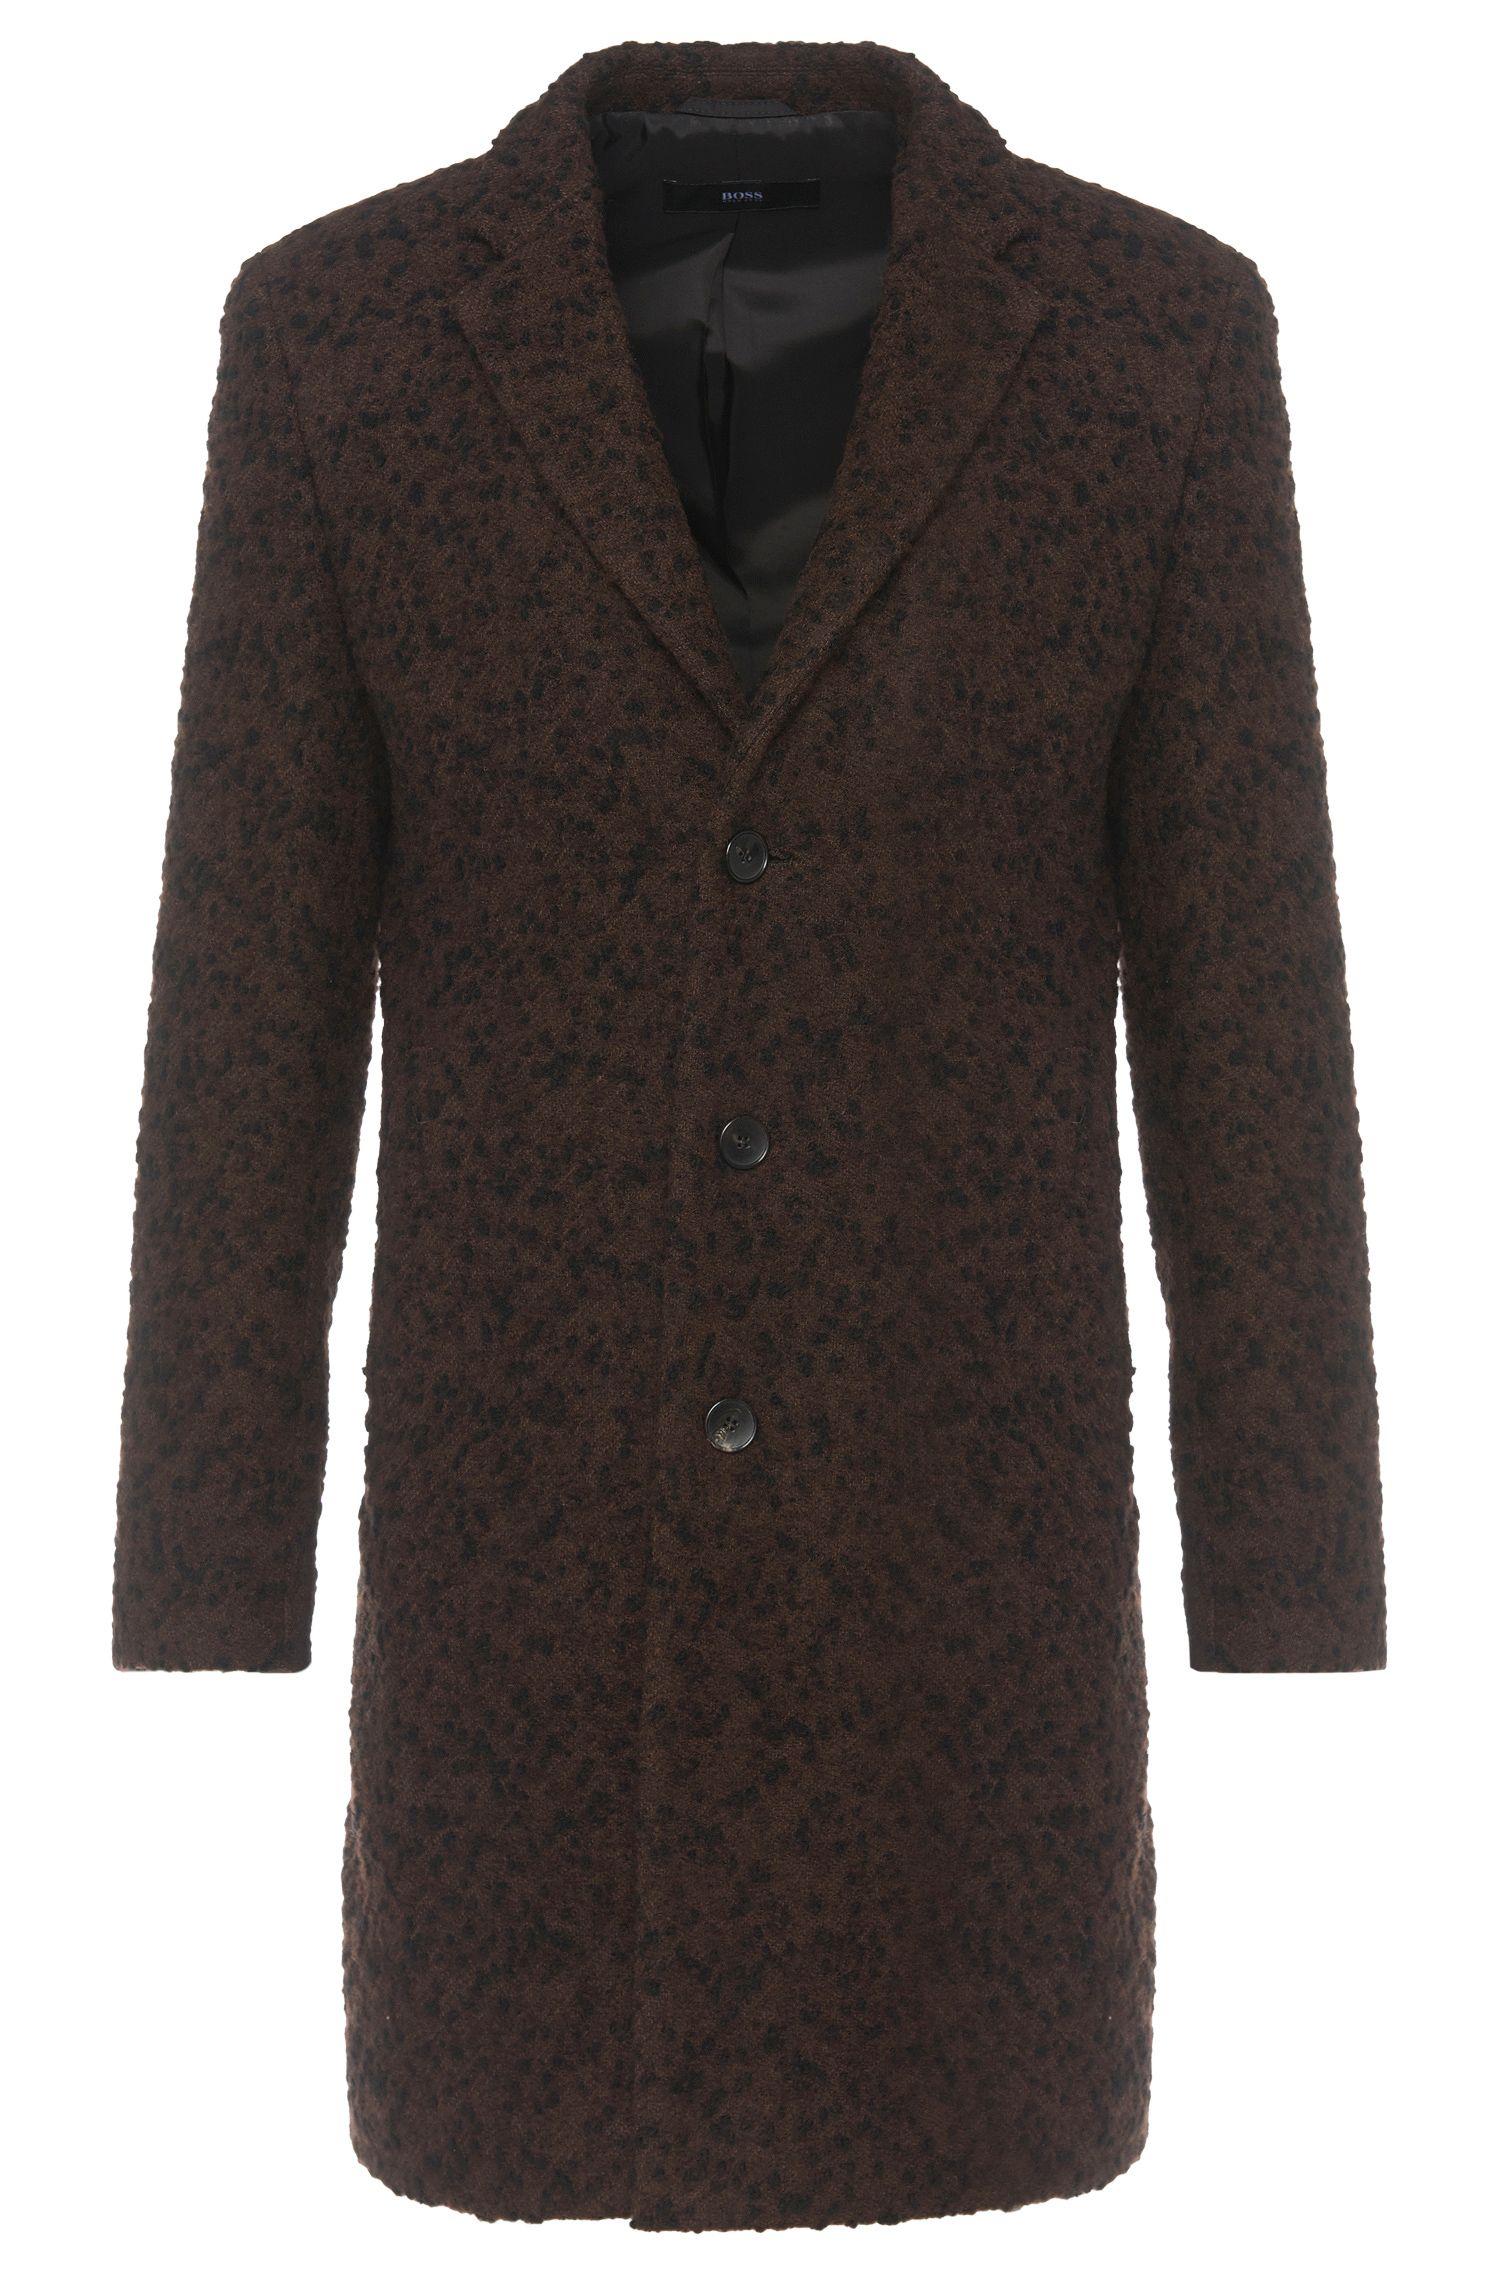 Manteau en alpaga mélangé, rehaussé de fil fantaisie: «Nye»